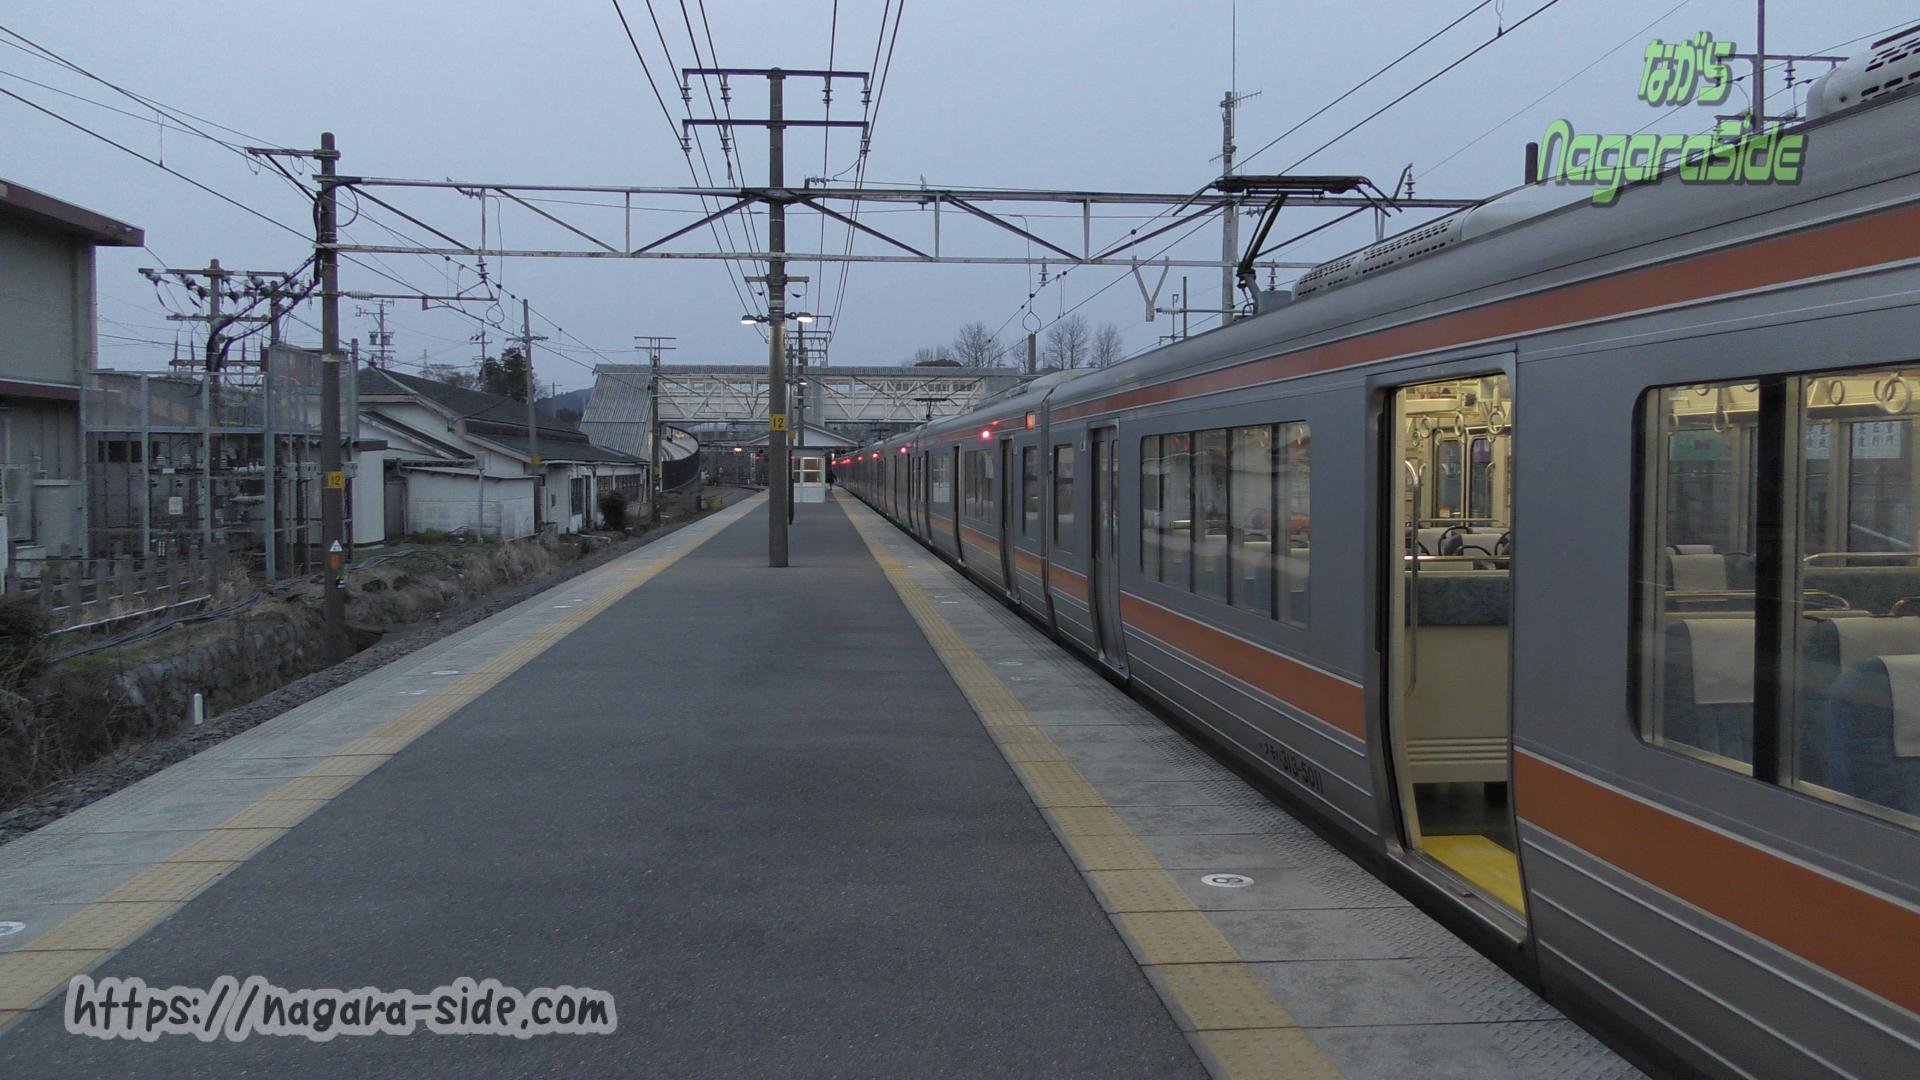 関ケ原駅のホーム 東海道本線だが垂井線